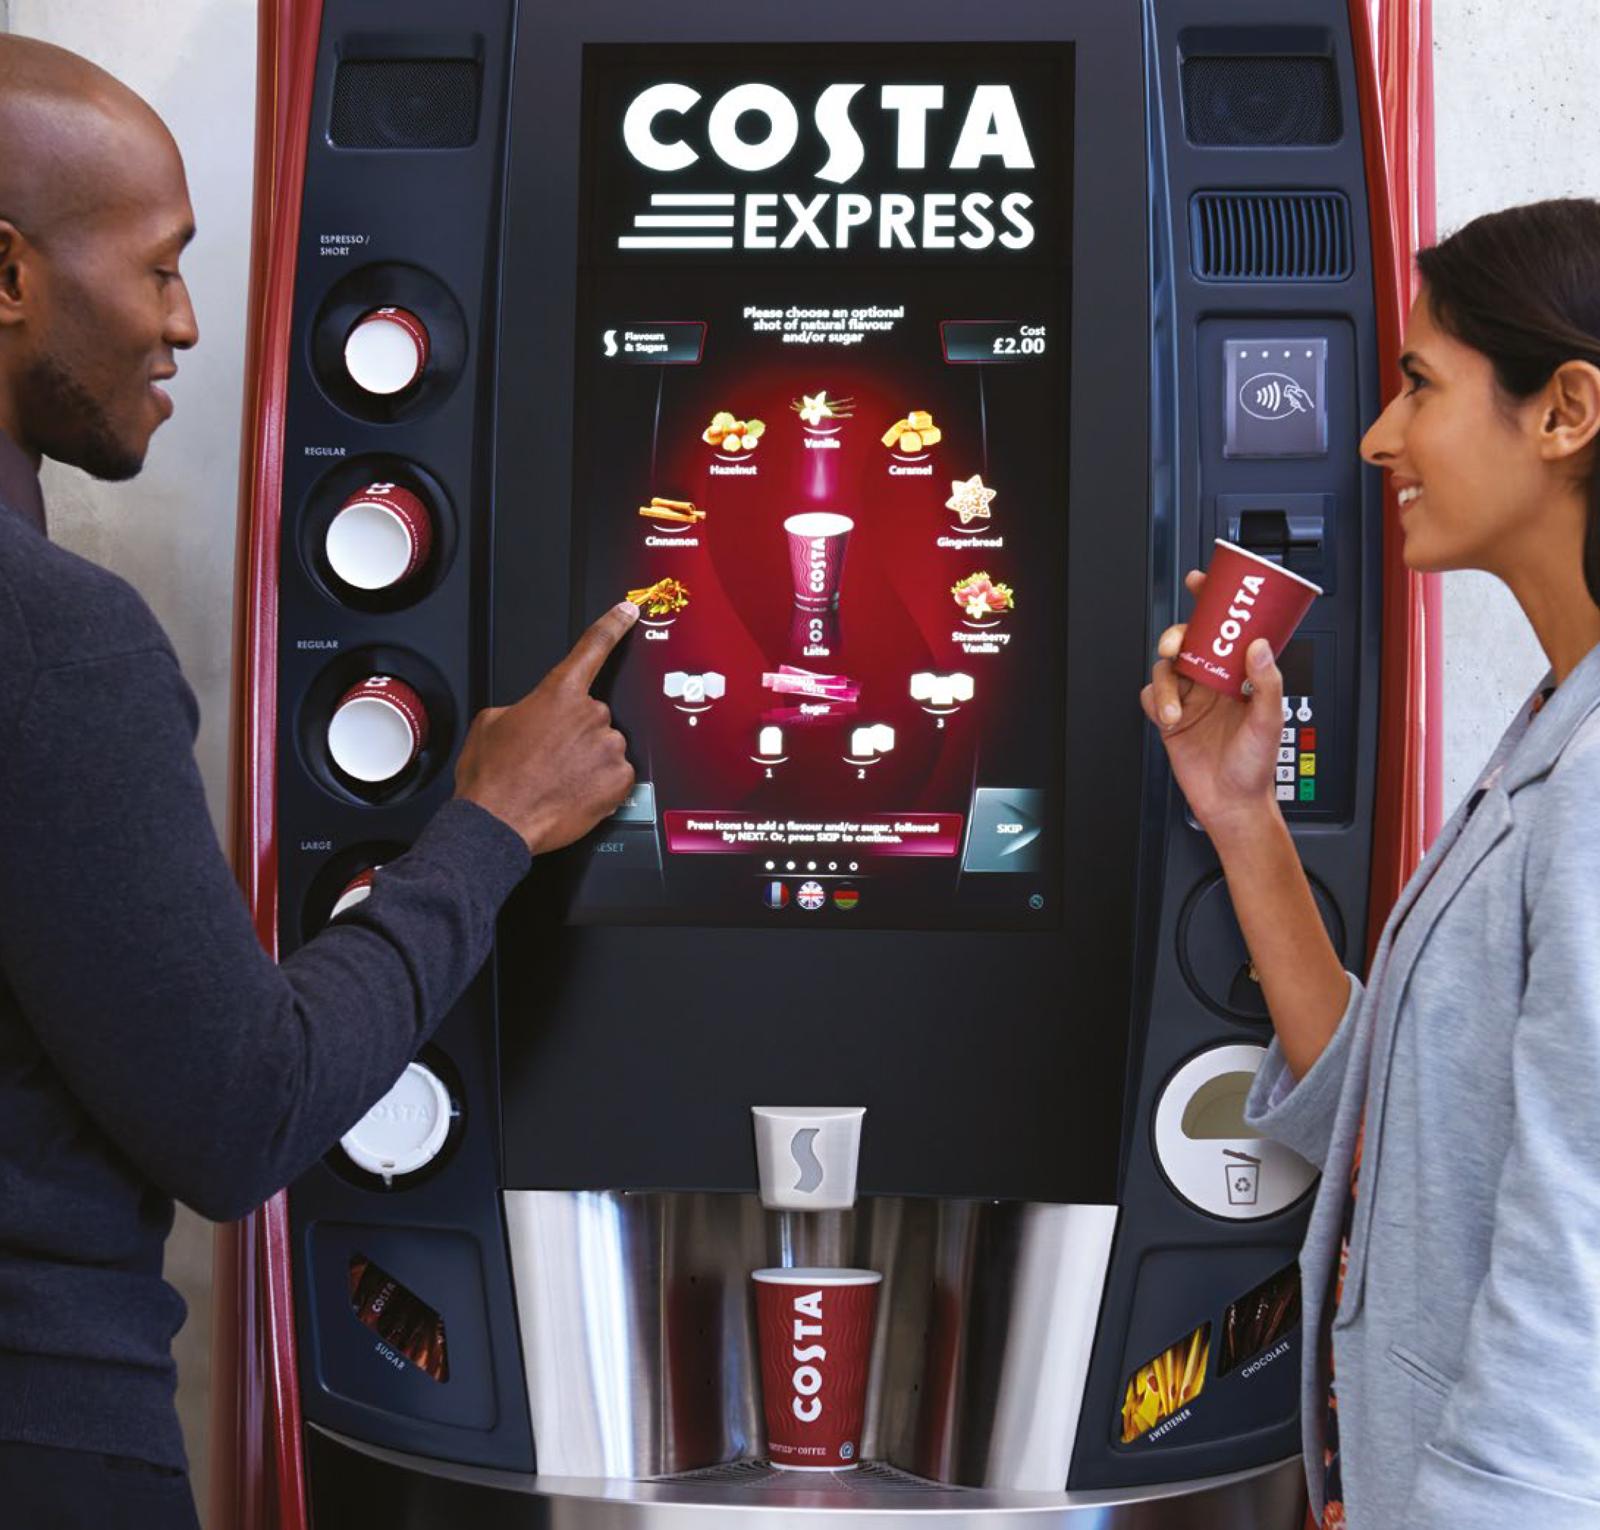 Почему кофейные бренды начинают делать ставку на вендинг